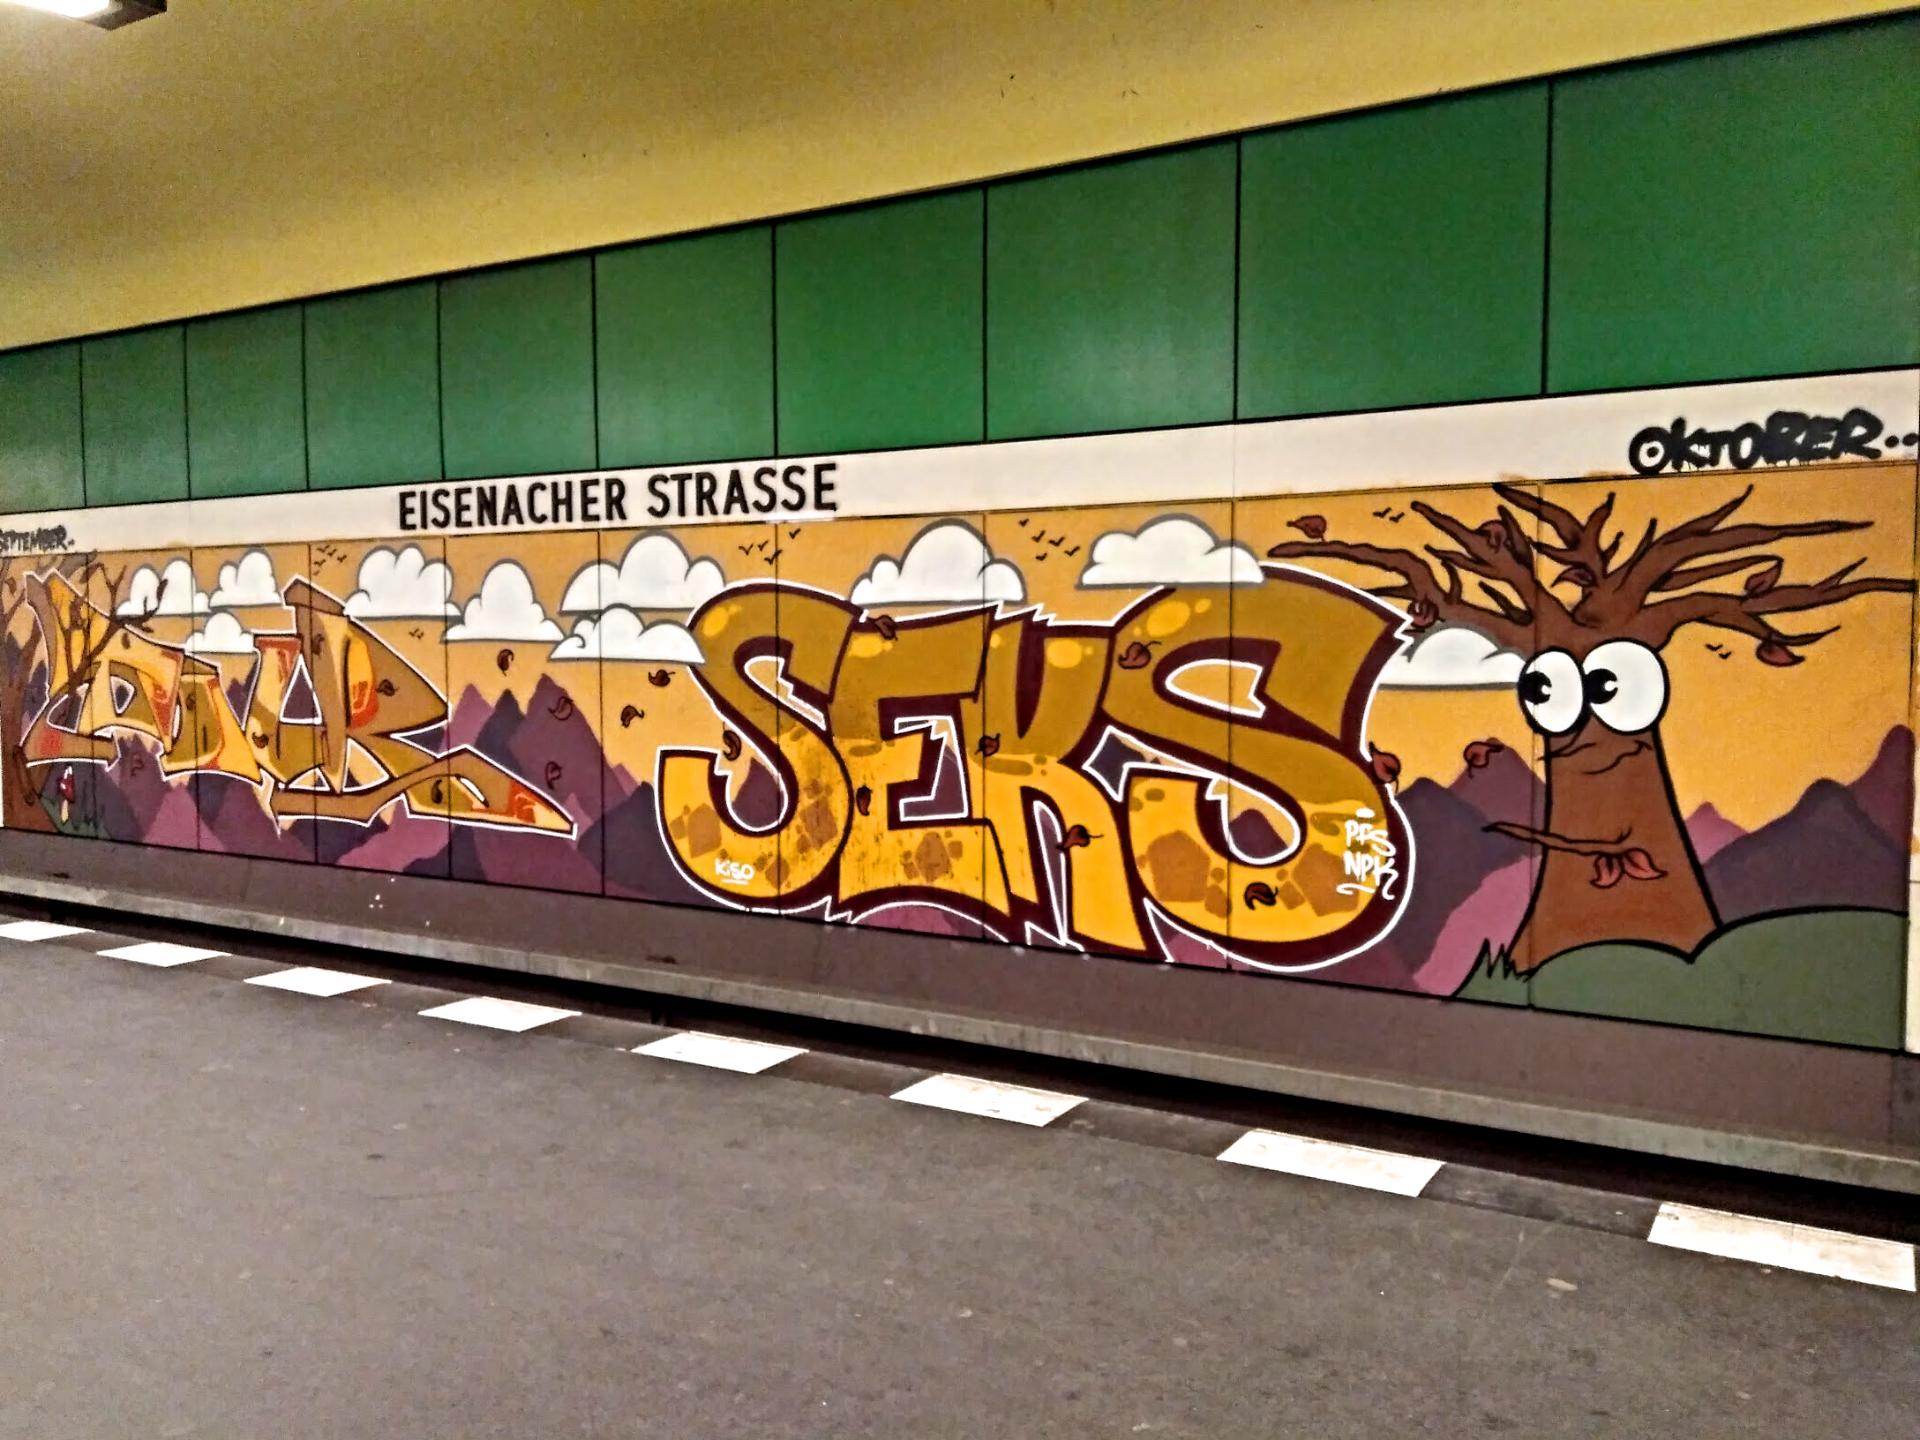 Eisenacher Straße